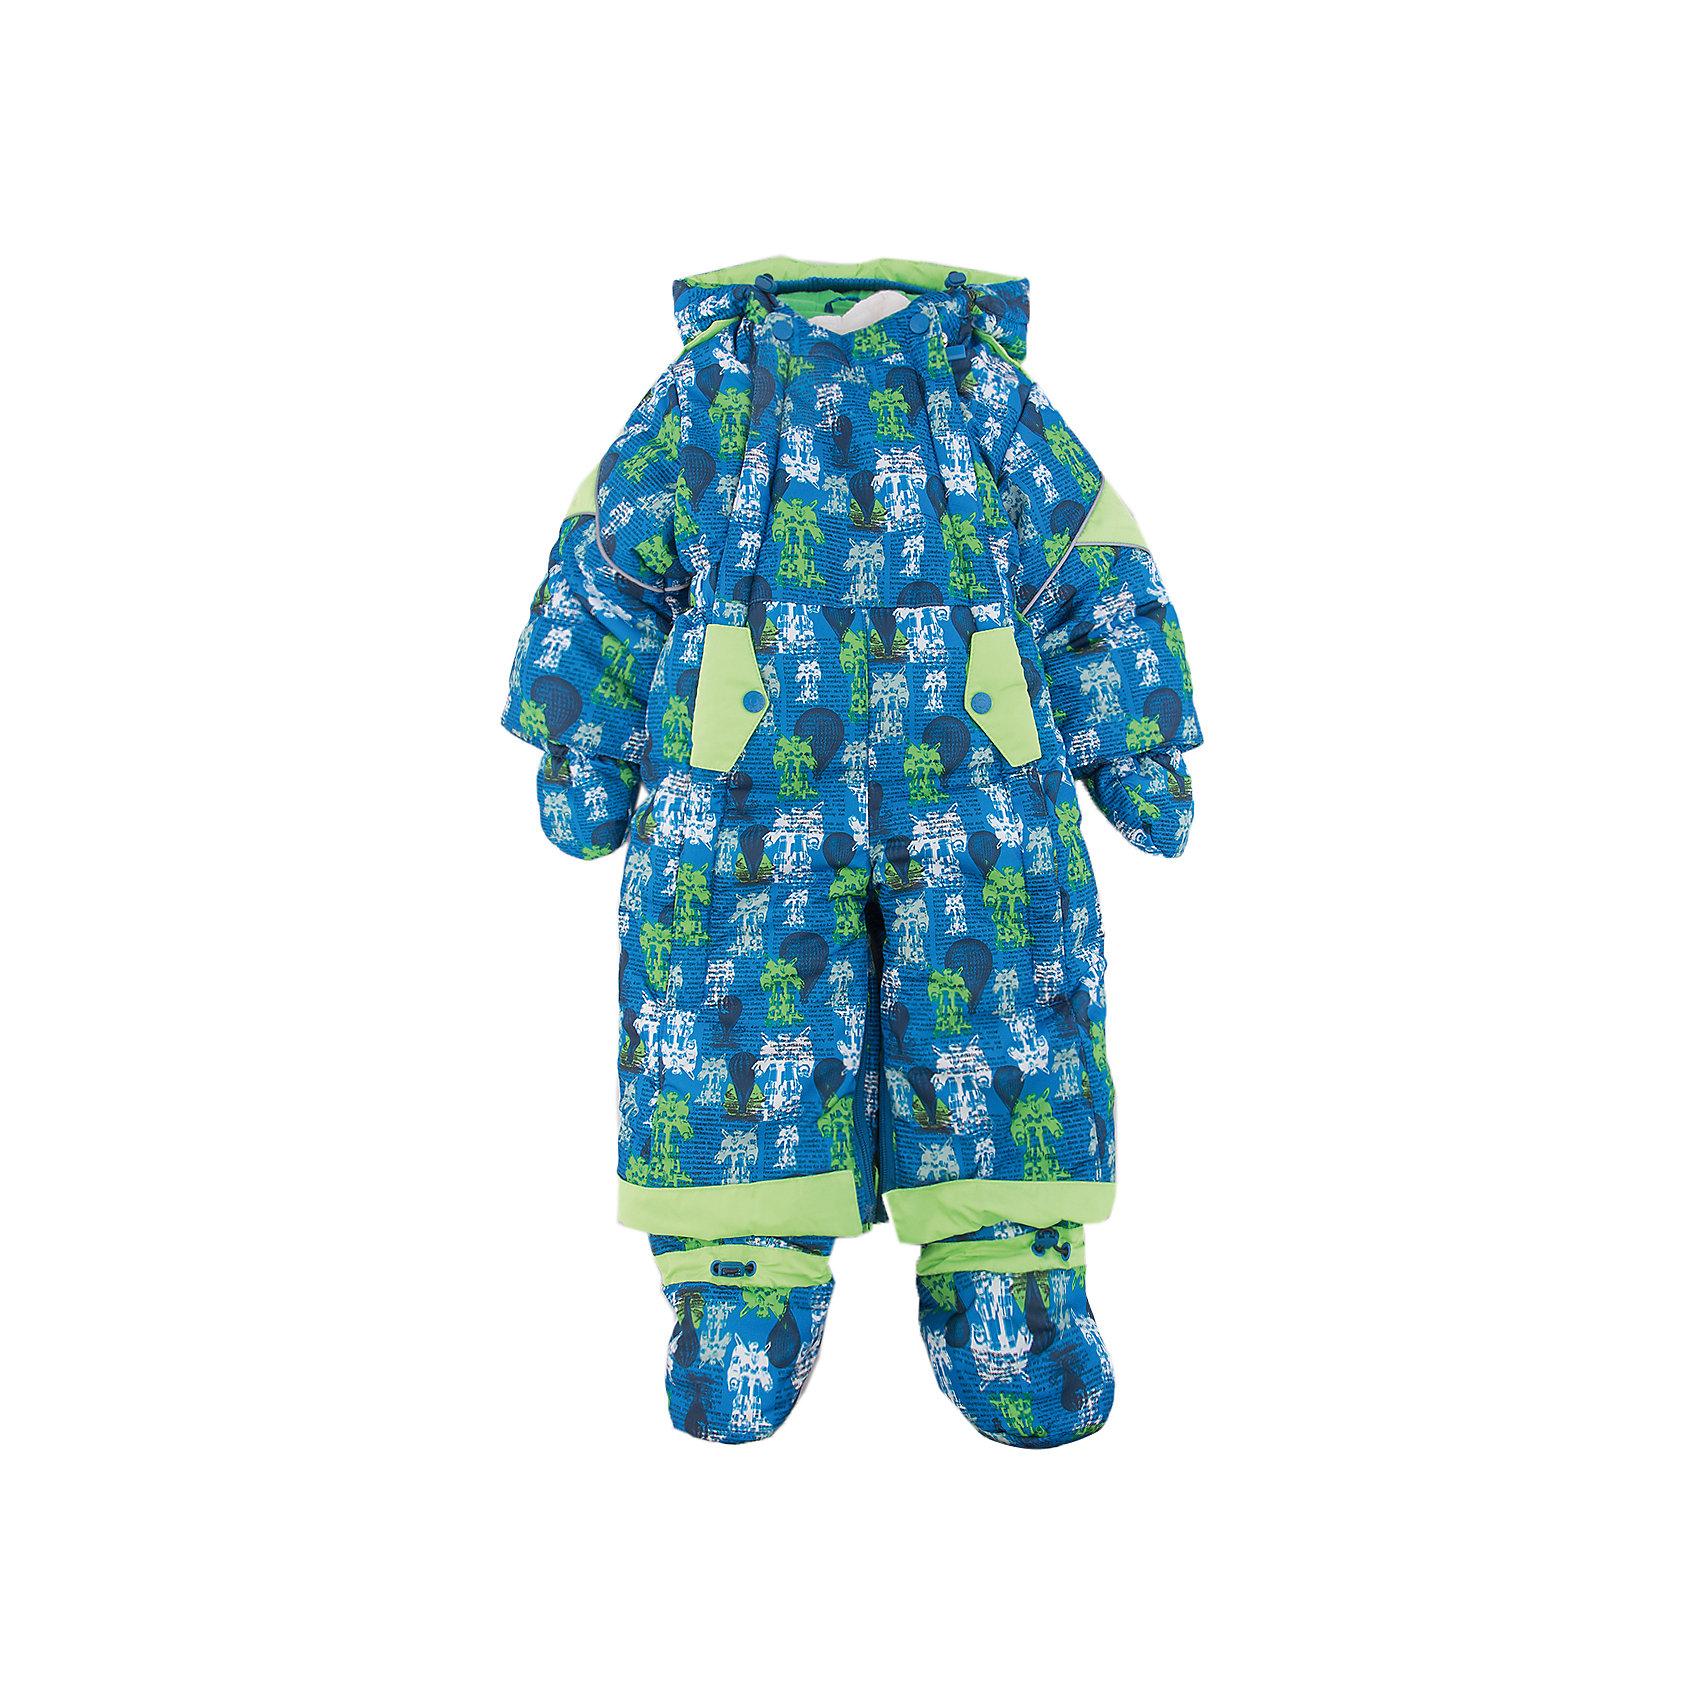 Комбинезон-трансформер Роботы OLDOS для мальчикаВерхняя одежда<br>Характеристики товара:<br><br>• цвет: синий<br>• состав ткани: 100% полиэстер, Teflon <br>• подкладка: хлопок<br>• утеплитель: Hollofan 200 г/м2<br>• подстежка: 60% шерсть, 40% полиэстер<br>• сезон: зима<br>• температурный режим: от -35 до 0<br>• застежка: молния<br>• капюшон: с мехом, несъемный<br>• пинетки, варежки, опушка отстегиваются<br>• трансформируется в конверт<br>• подстежка в комплекте<br>• страна бренда: Россия<br>• страна изготовитель: Россия<br><br>Верх детского комбинезона со специальной пропиткой от грязи и влаги. Мягкая подкладка детского комбинезона-трансформера для зимы приятна на ощупь. Модный комбинезон-трансформер для мальчика дополнен съемной подстежкой из шерсти. Комбинезон-трансформер позволяет создать комфортный микроклимат даже в сильные морозы.<br><br>Комбинезон-трансформер Роботы Oldos (Олдос) для мальчика можно купить в нашем интернет-магазине.<br><br>Ширина мм: 356<br>Глубина мм: 10<br>Высота мм: 245<br>Вес г: 519<br>Цвет: синий<br>Возраст от месяцев: 12<br>Возраст до месяцев: 18<br>Пол: Мужской<br>Возраст: Детский<br>Размер: 86,74,80<br>SKU: 7016809